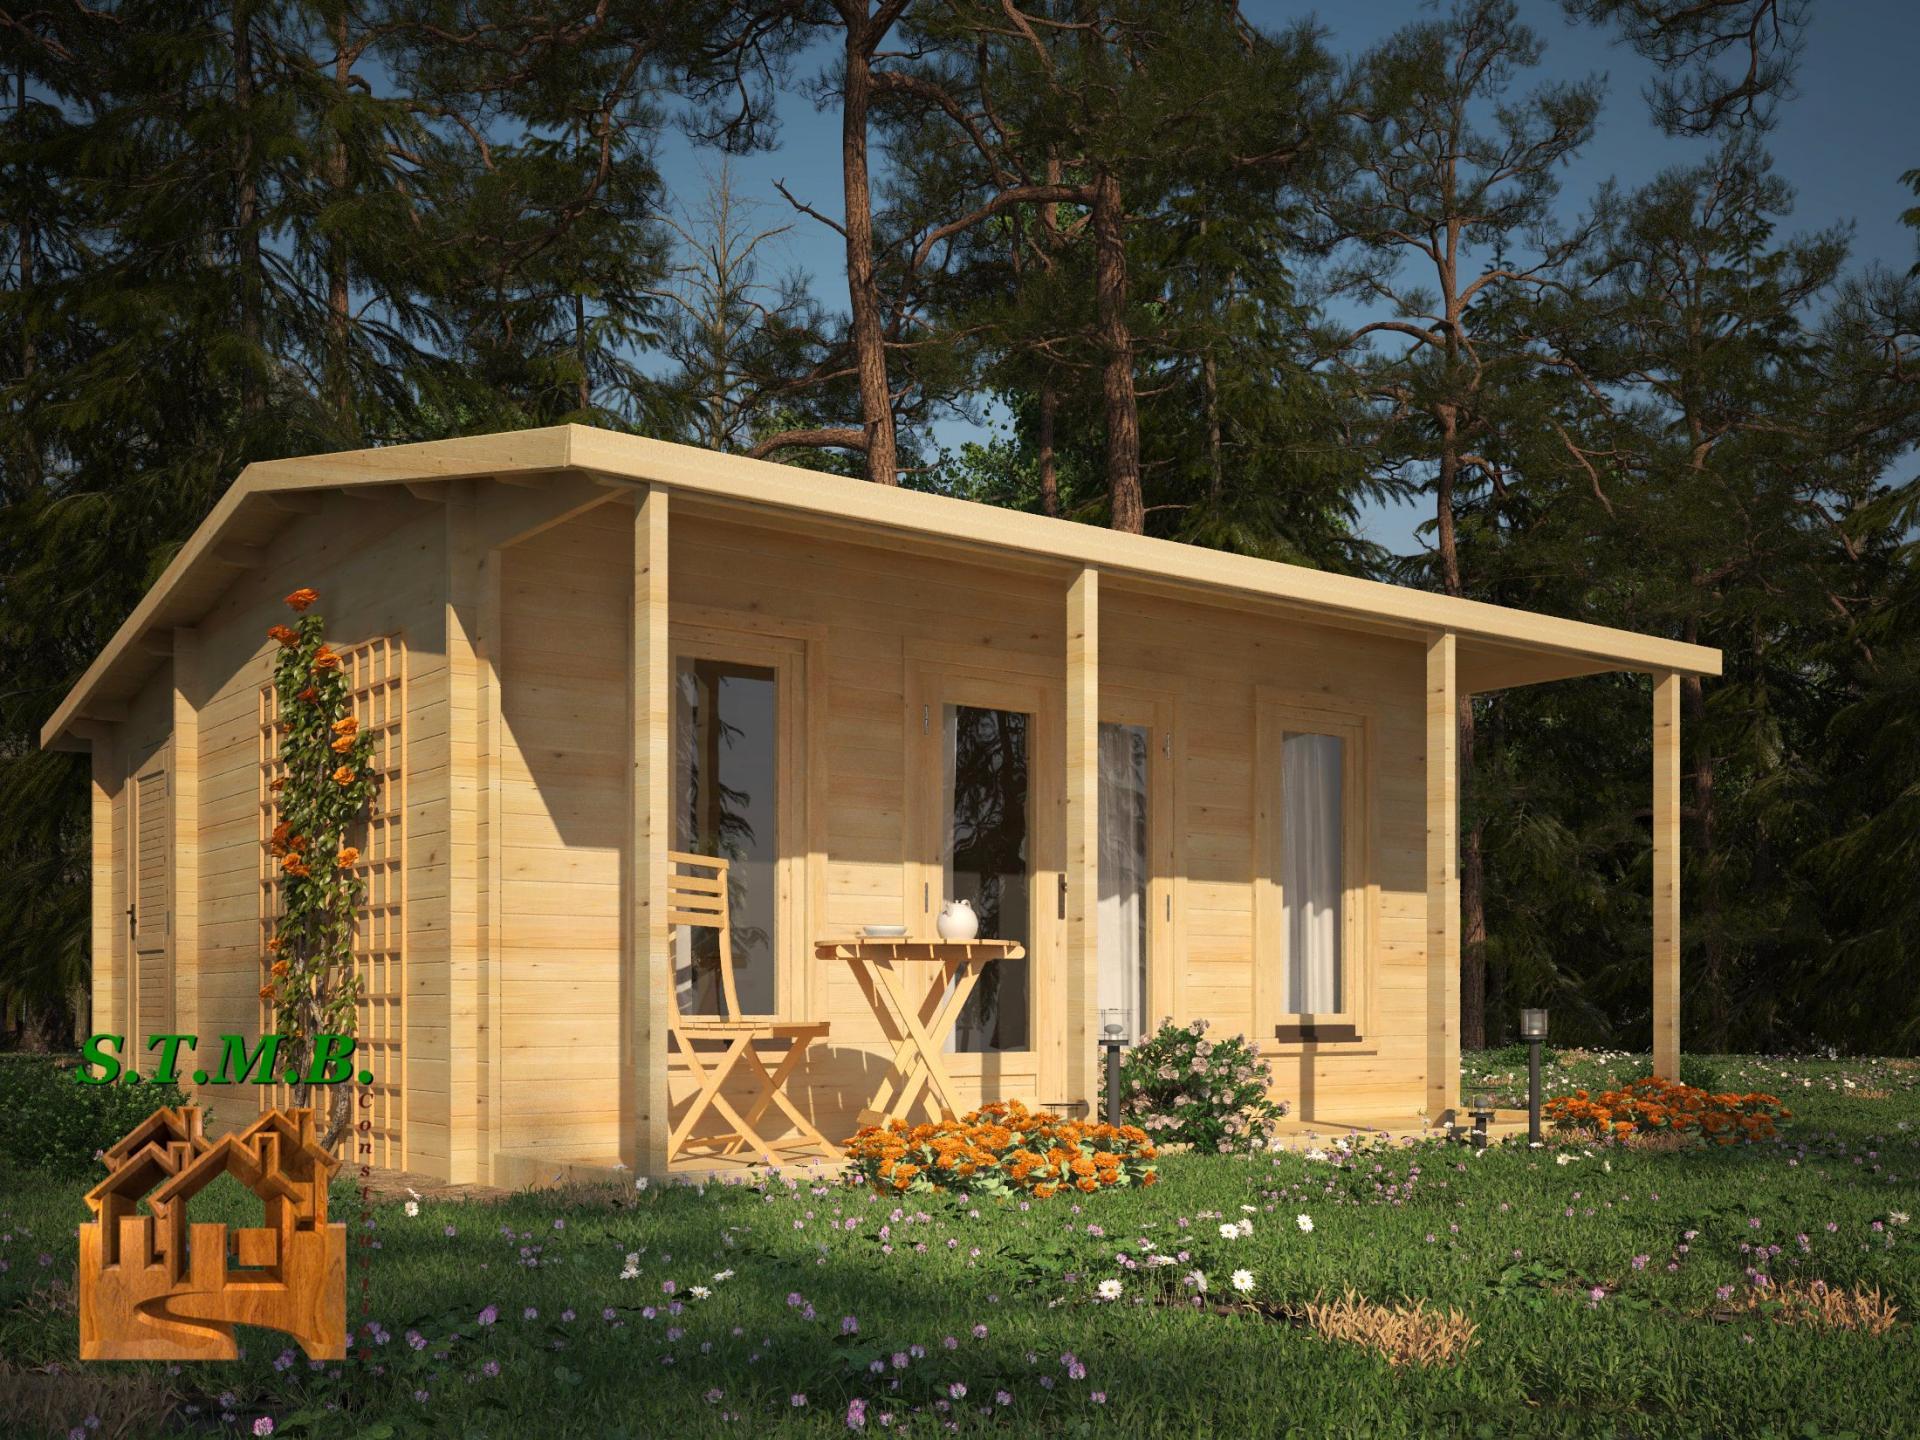 Abri de jardin les profils utilisateurs - Construction d un abris de jardin en bois ...